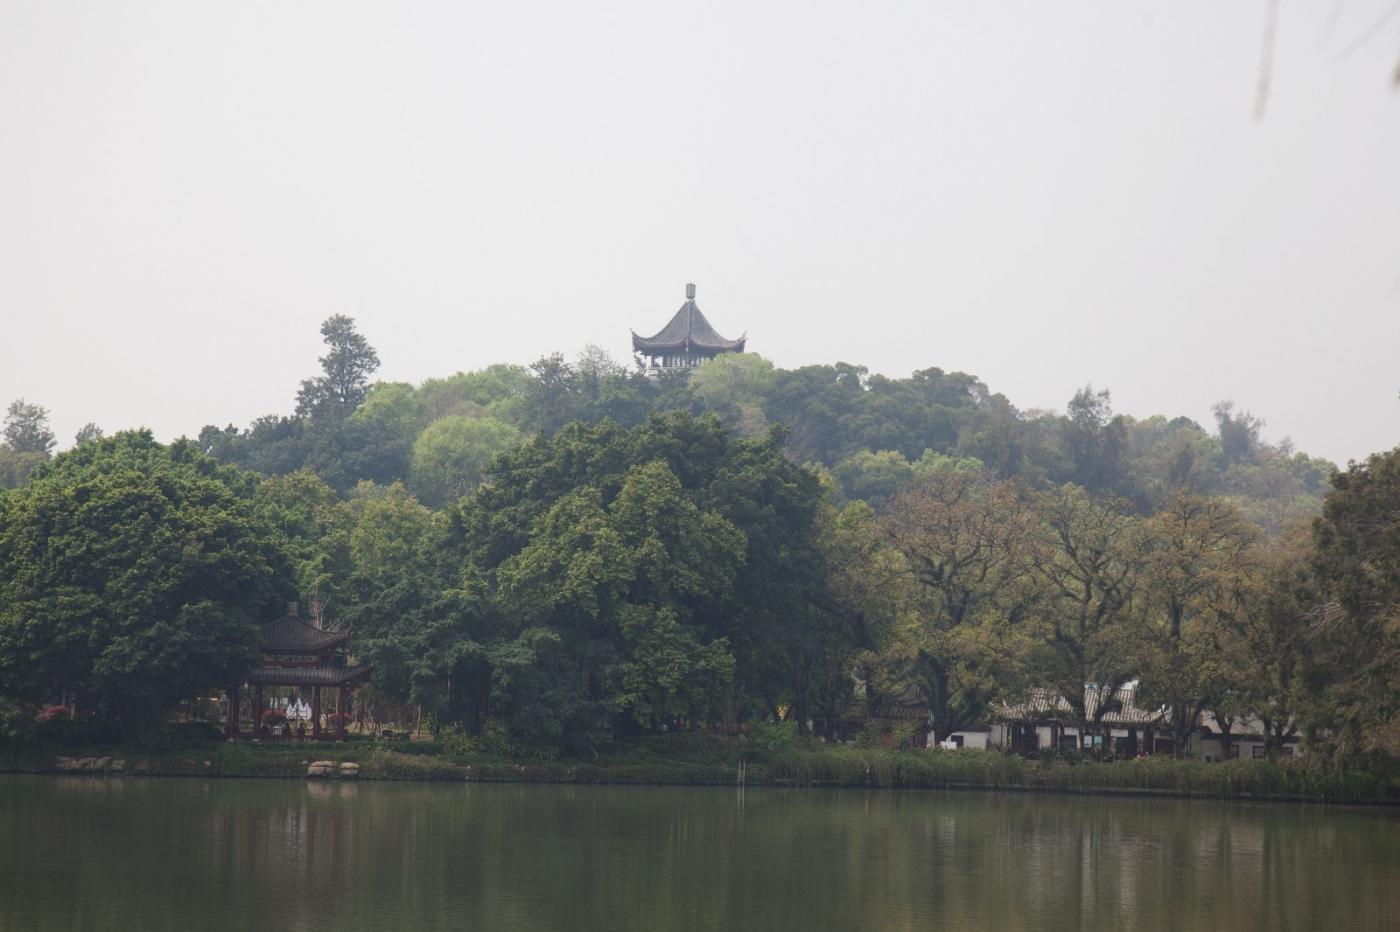 福州西湖公园,美景如画,赏心悦目,流连忘返_图1-30